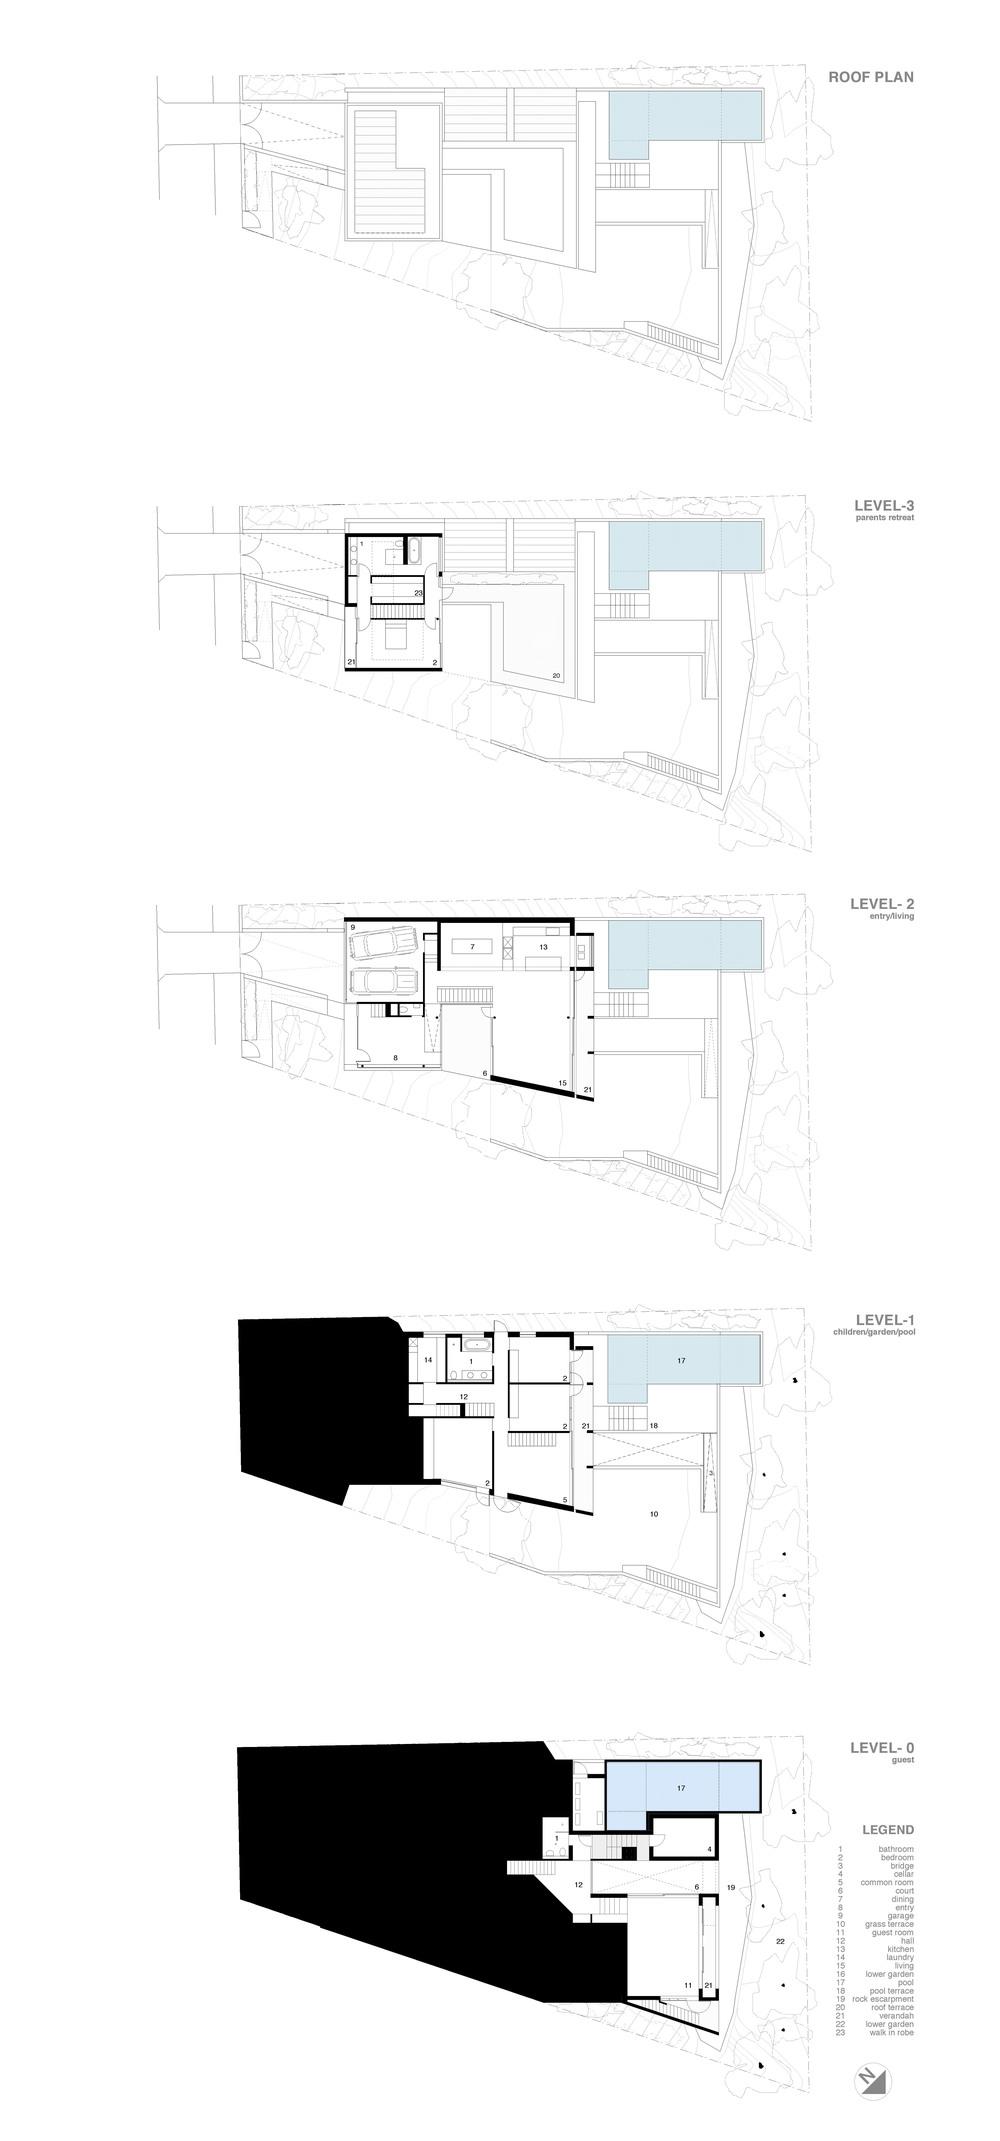 cremorne drawings PLANS.jpg